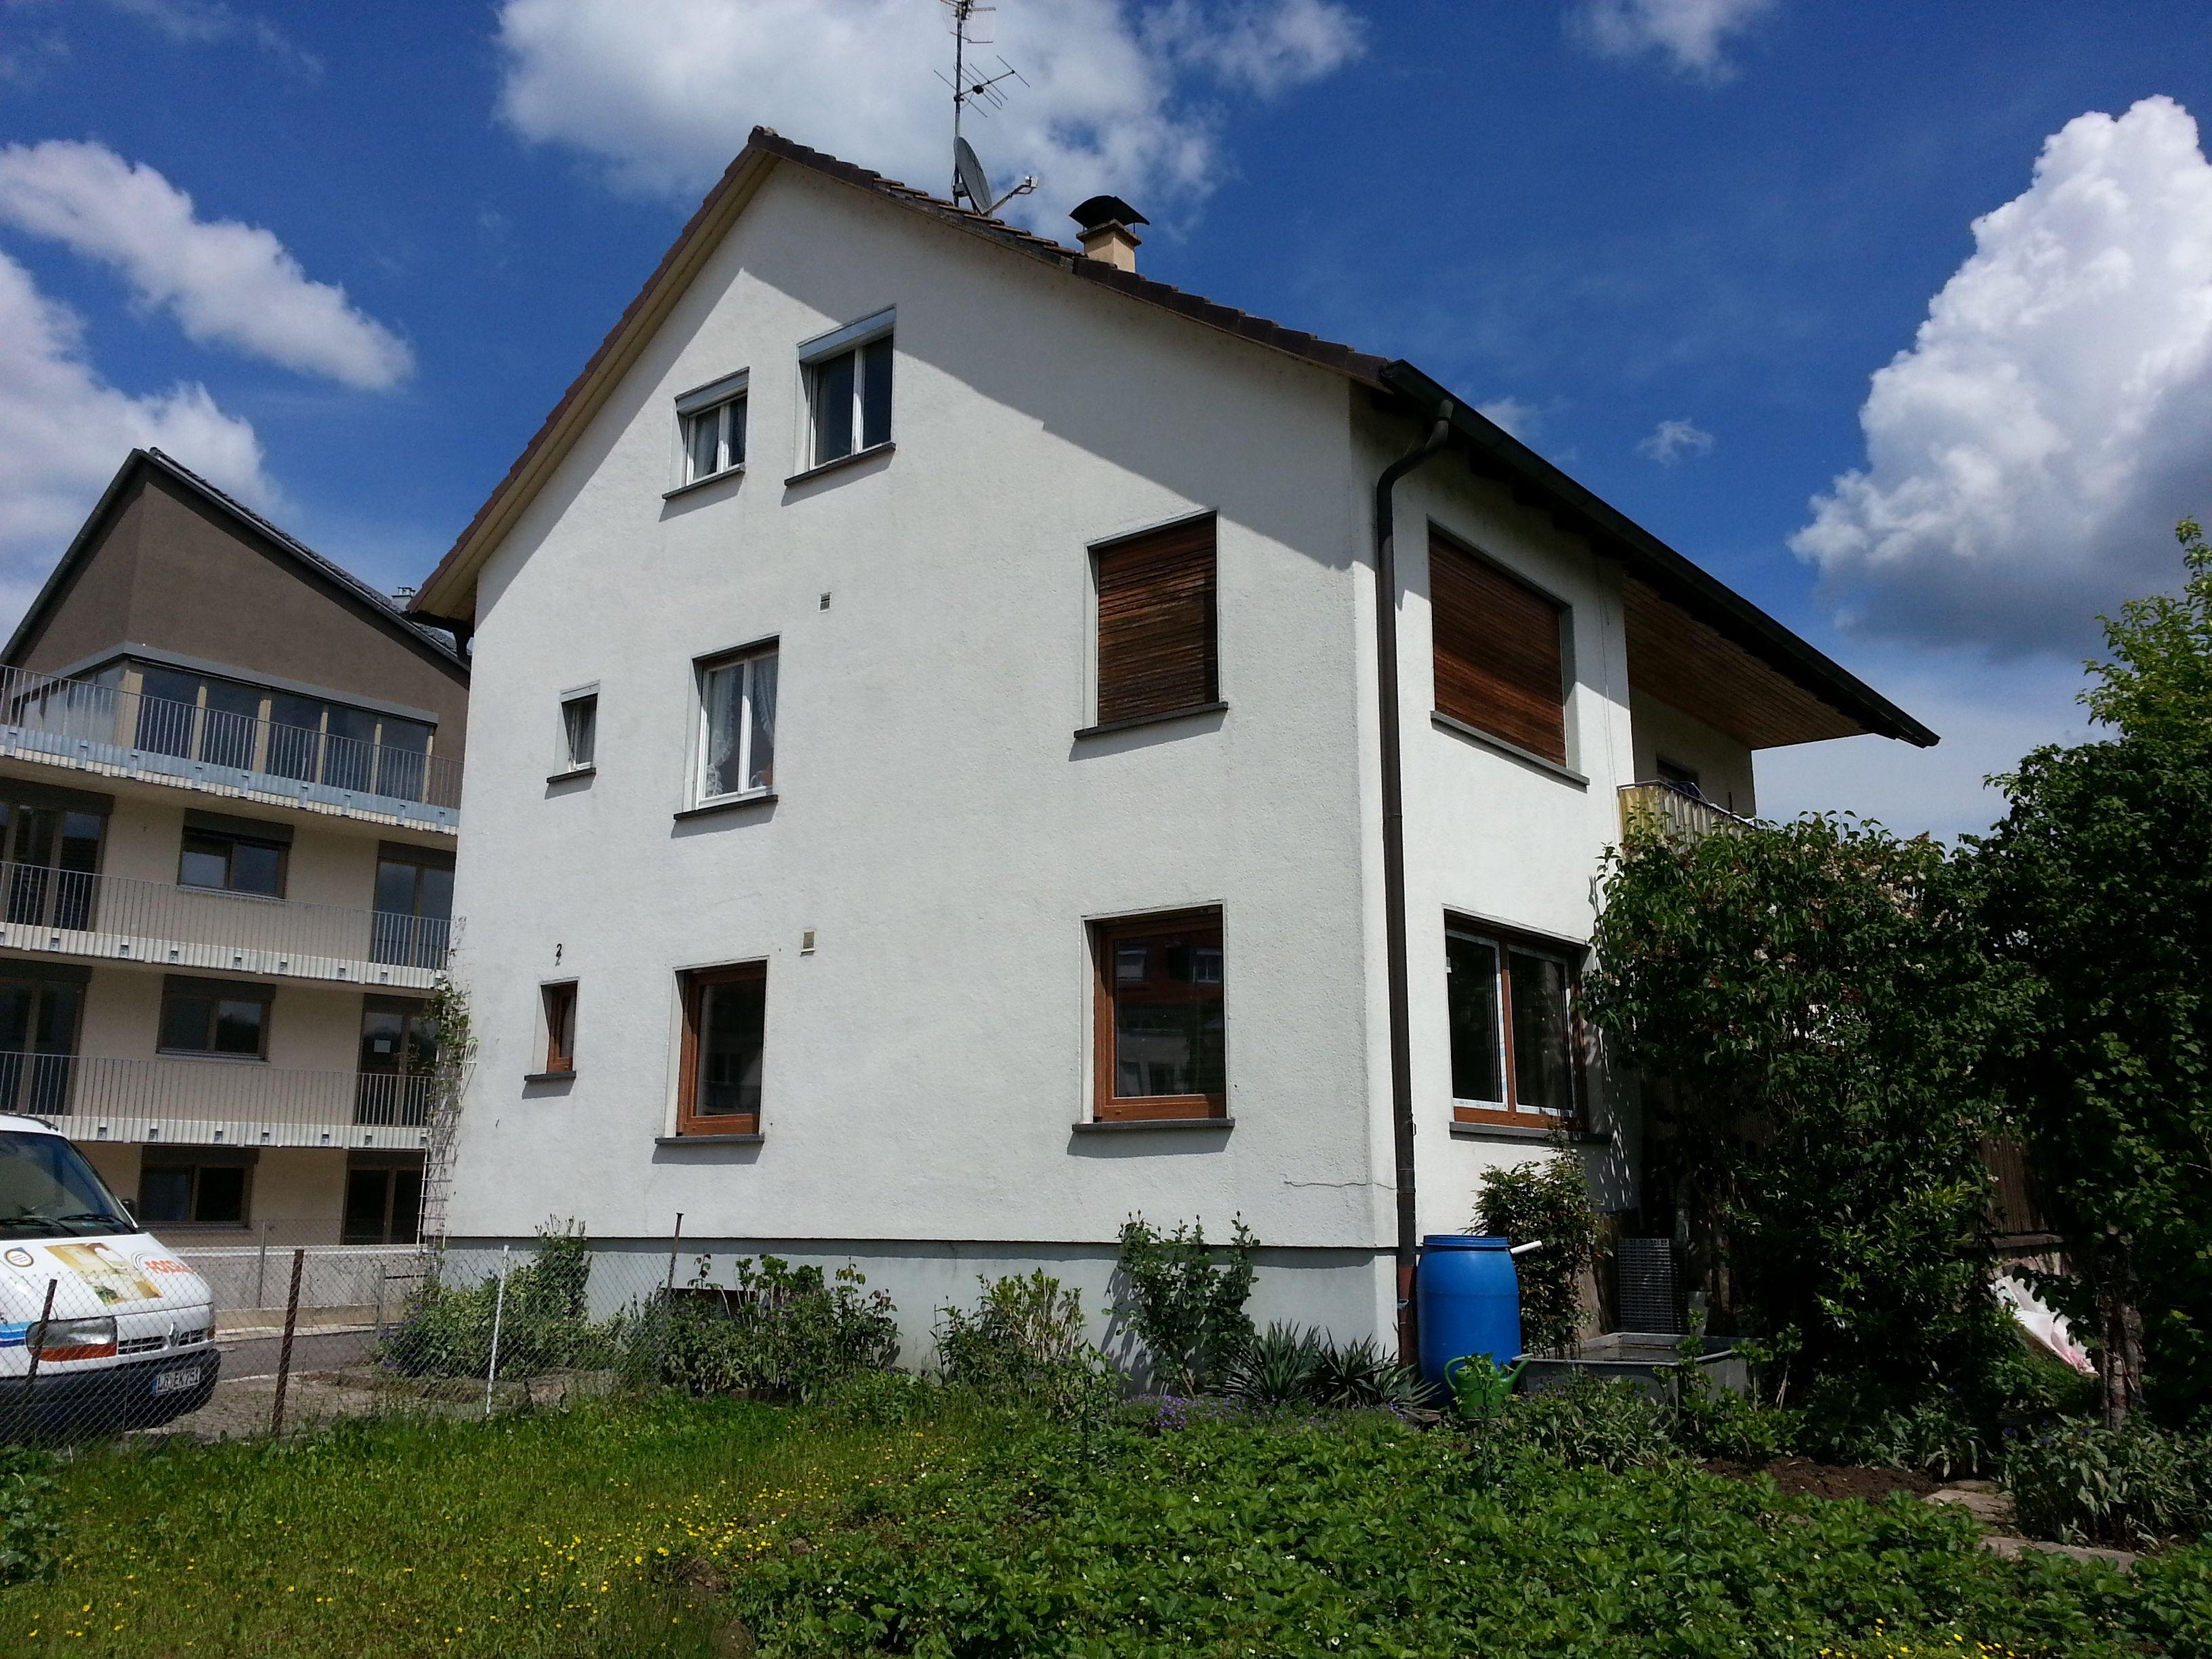 Sanierung des altes Hauses in Lörrach